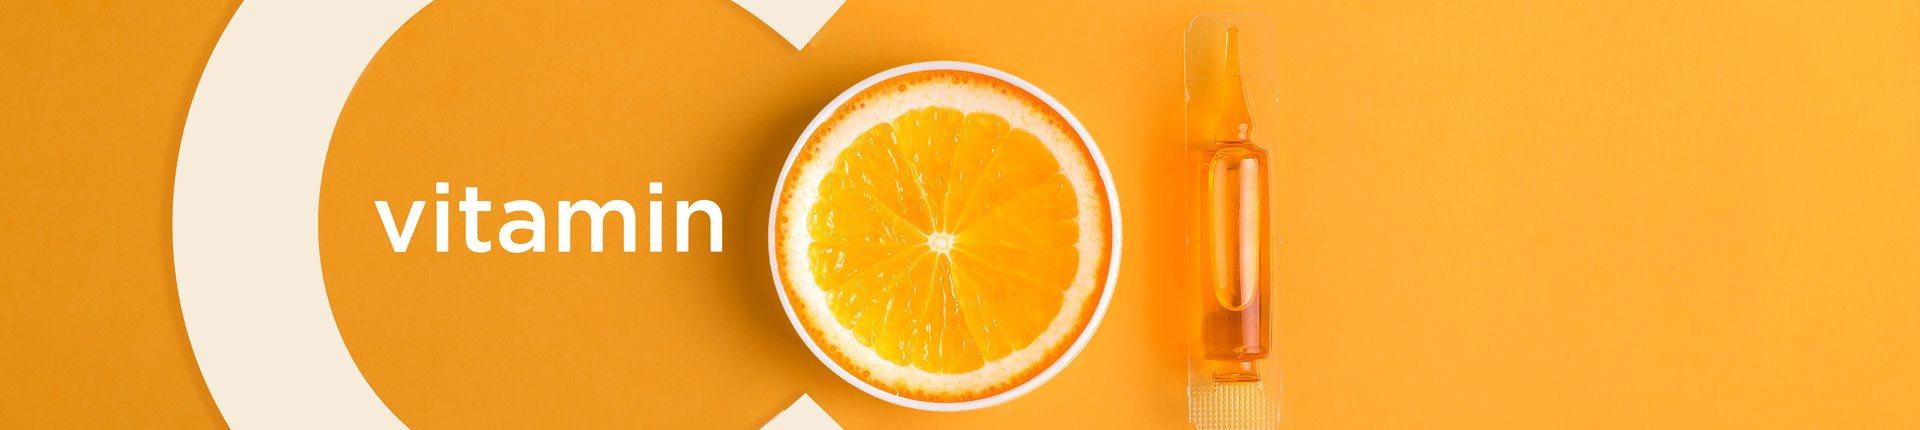 Czy można mieć uczulenie na witaminę C?